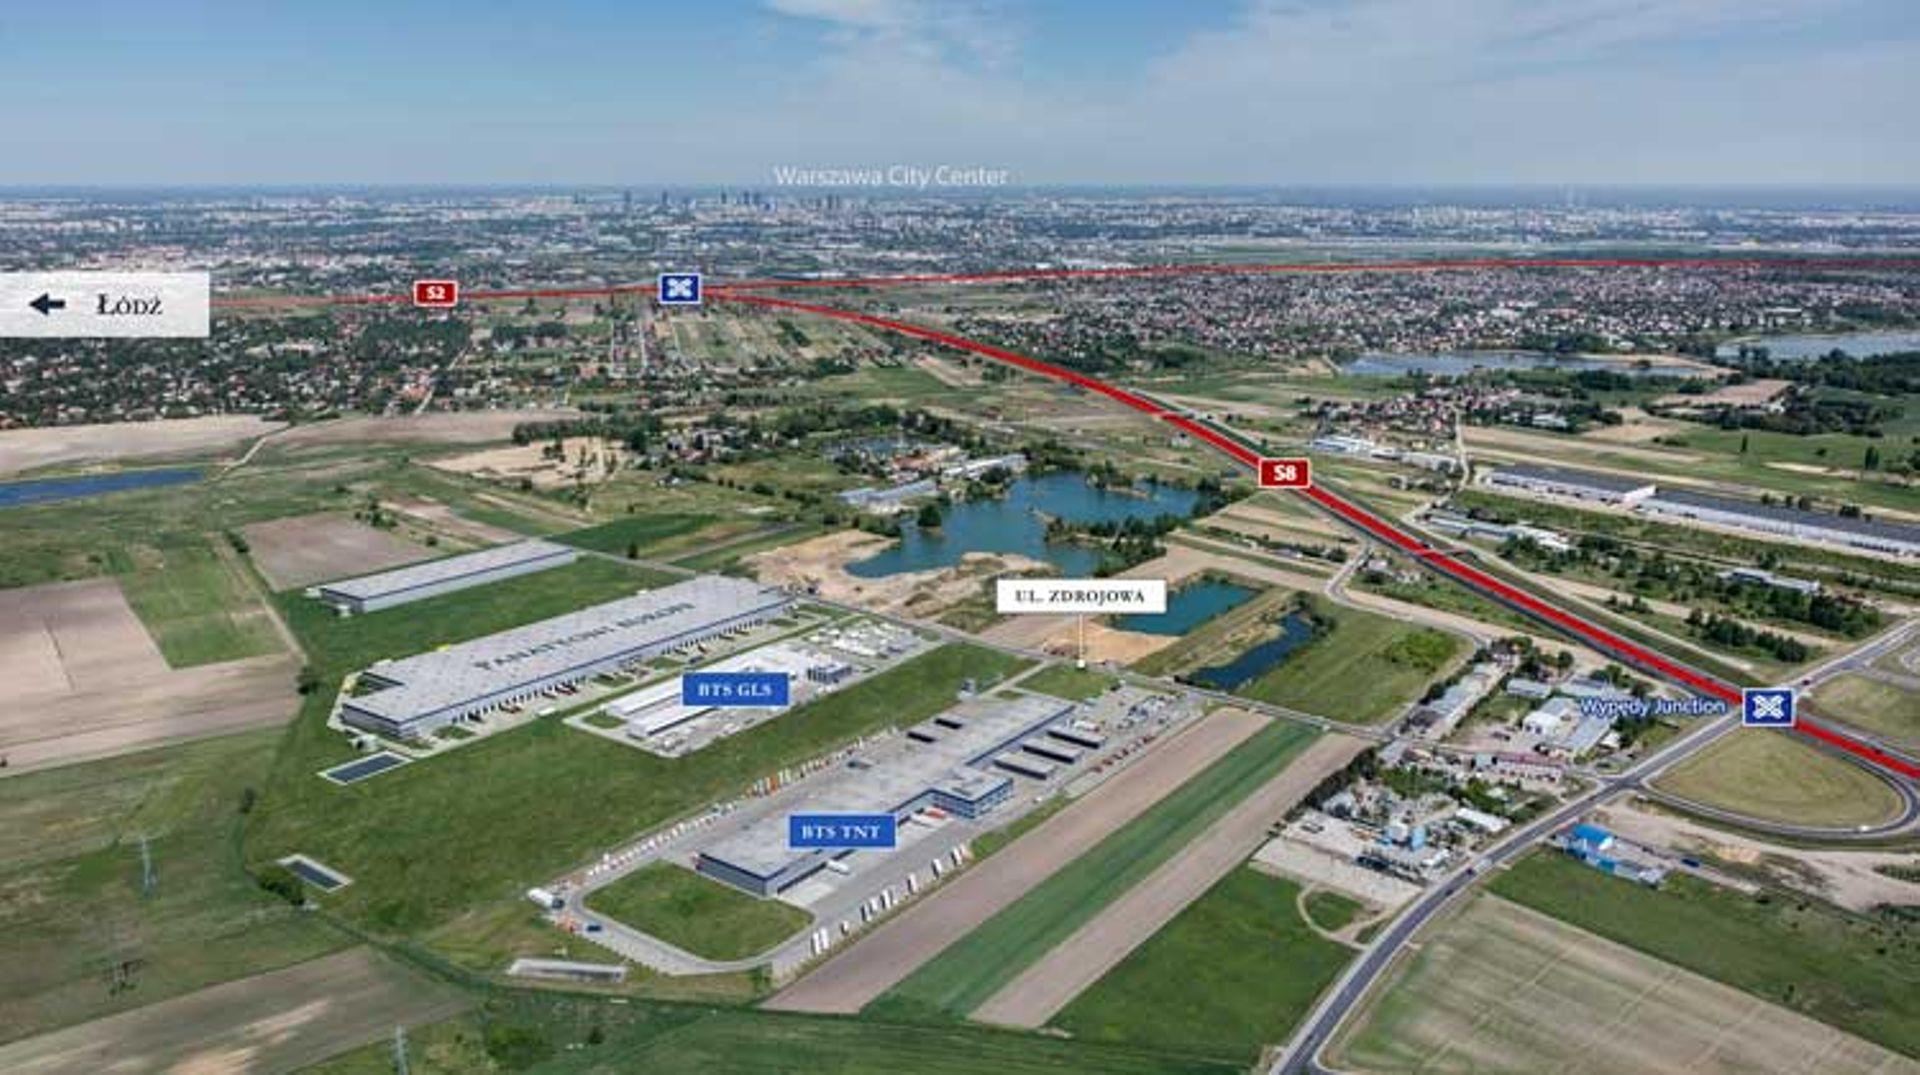 Panattoni kupiło grunt pod Warszawą i rozbuduje park w Jankach